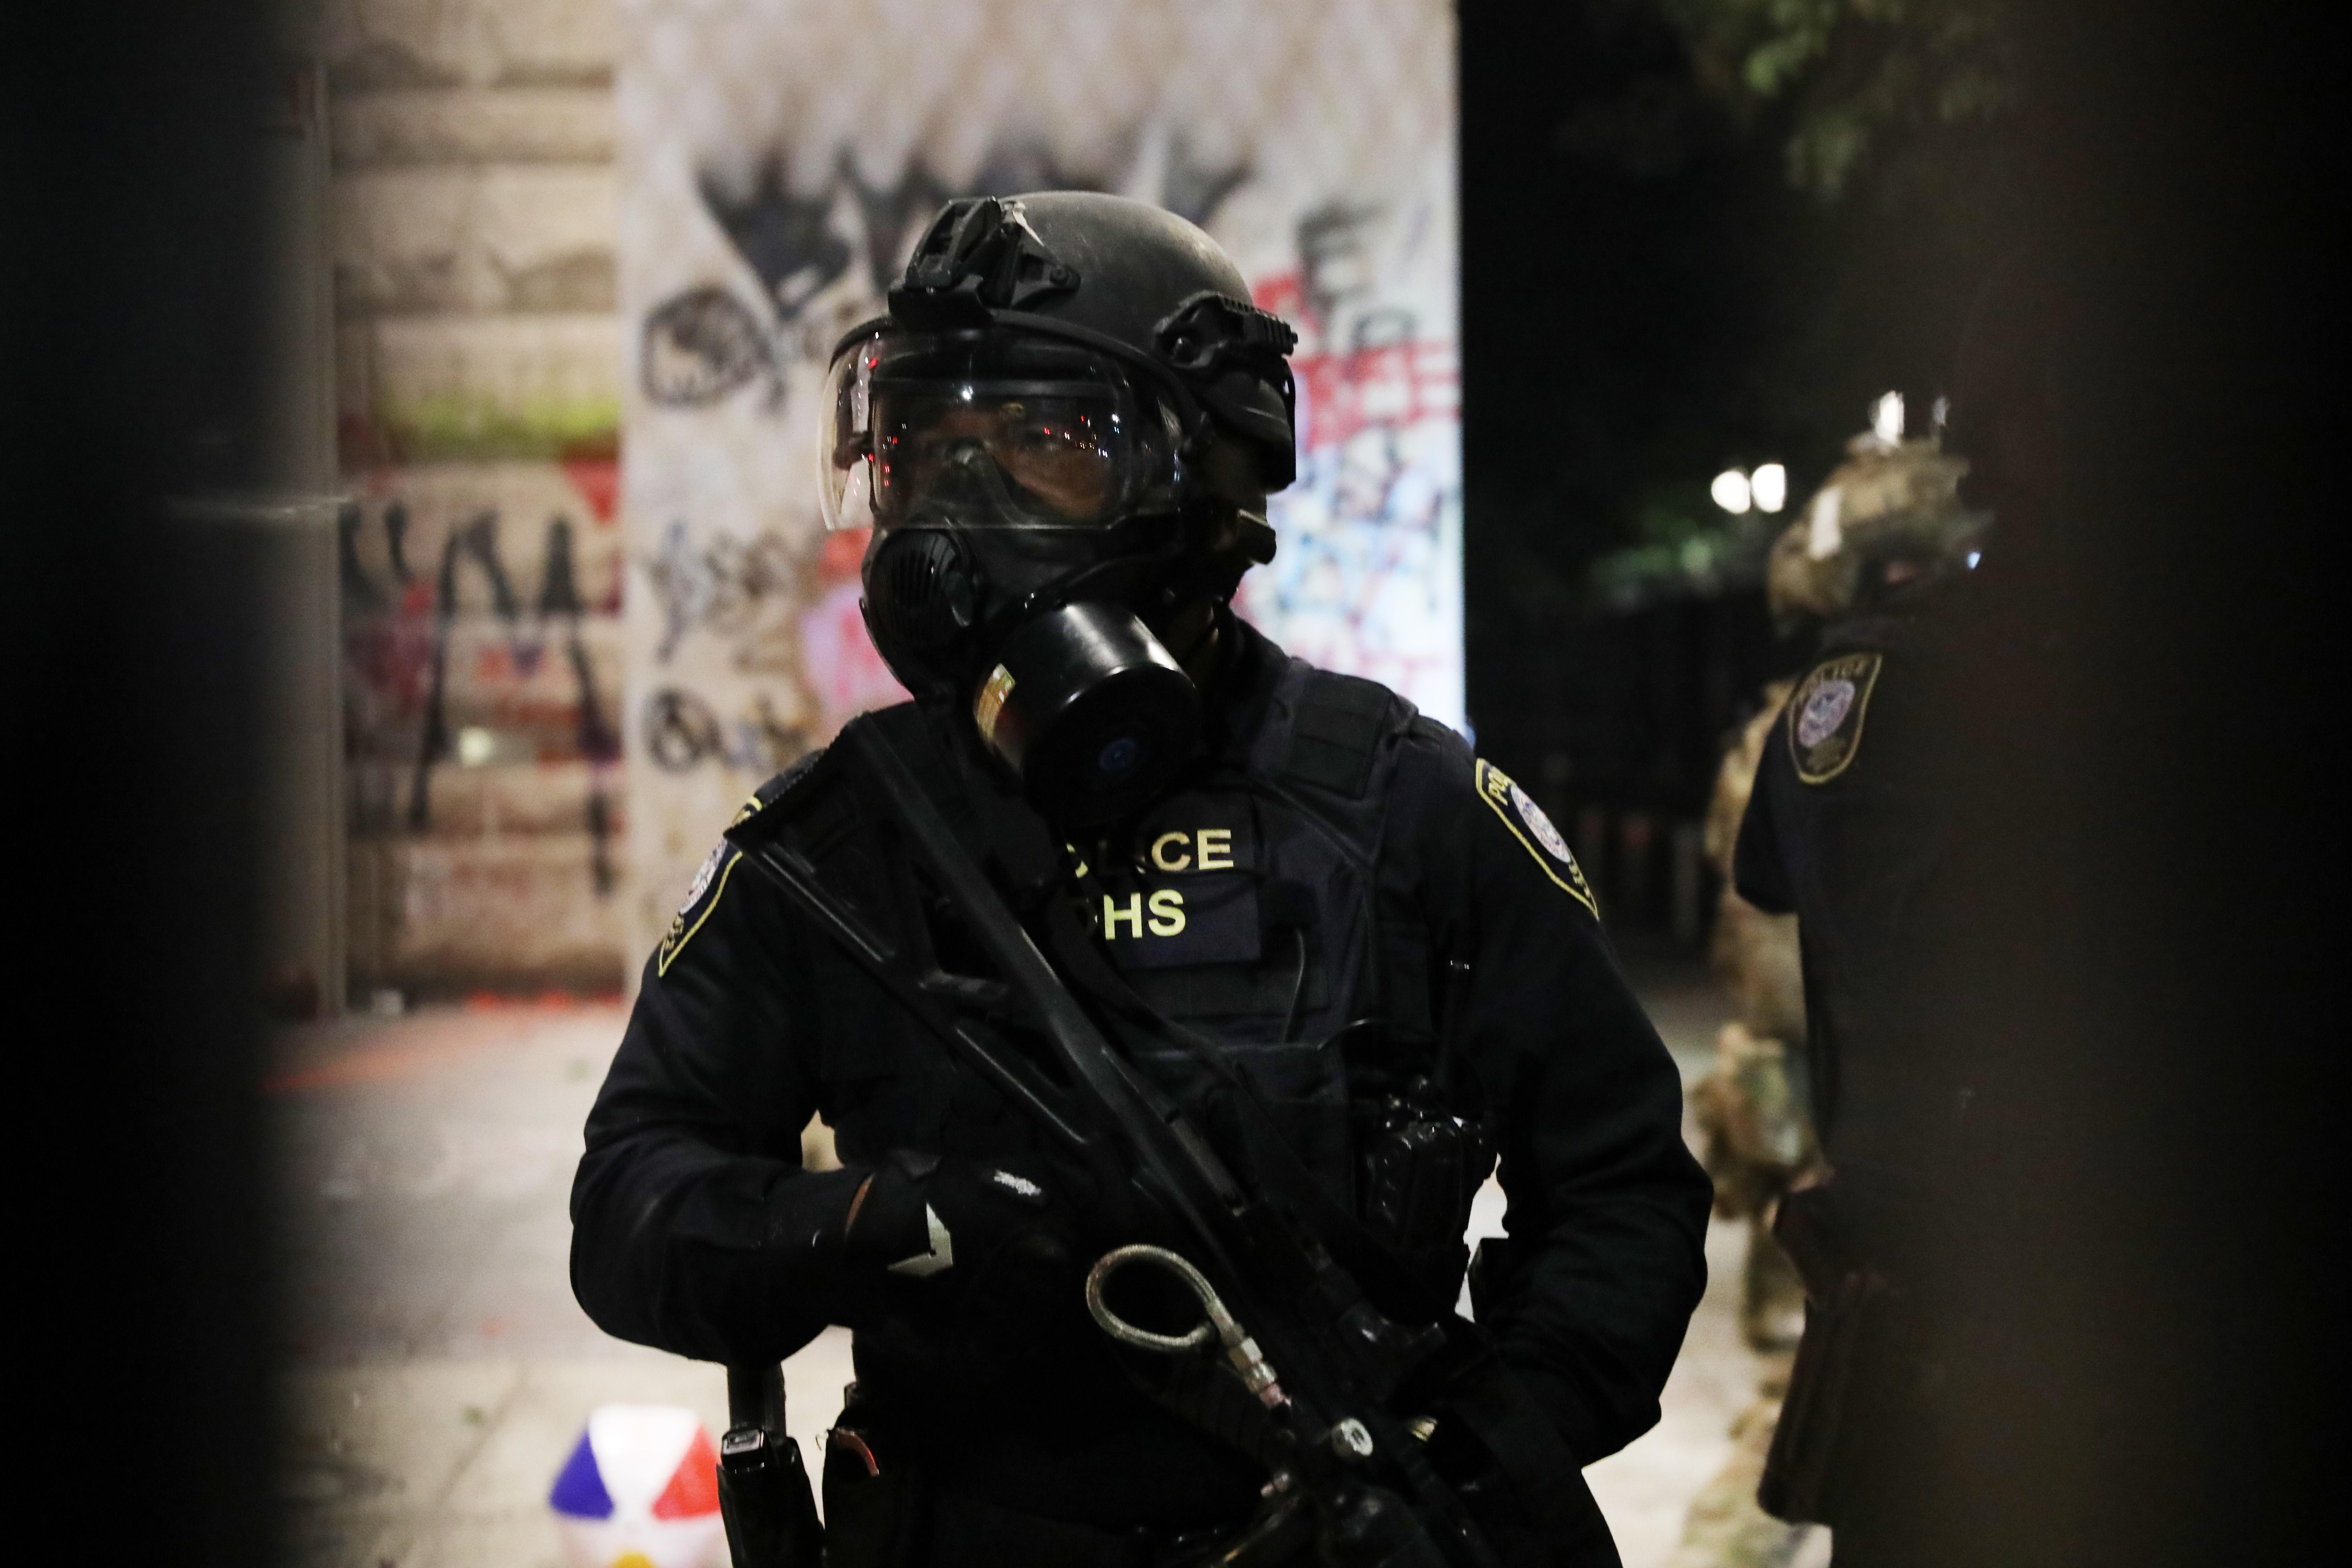 Portland Protests Continue Unabated Despite Federal Law Enforcement Presence